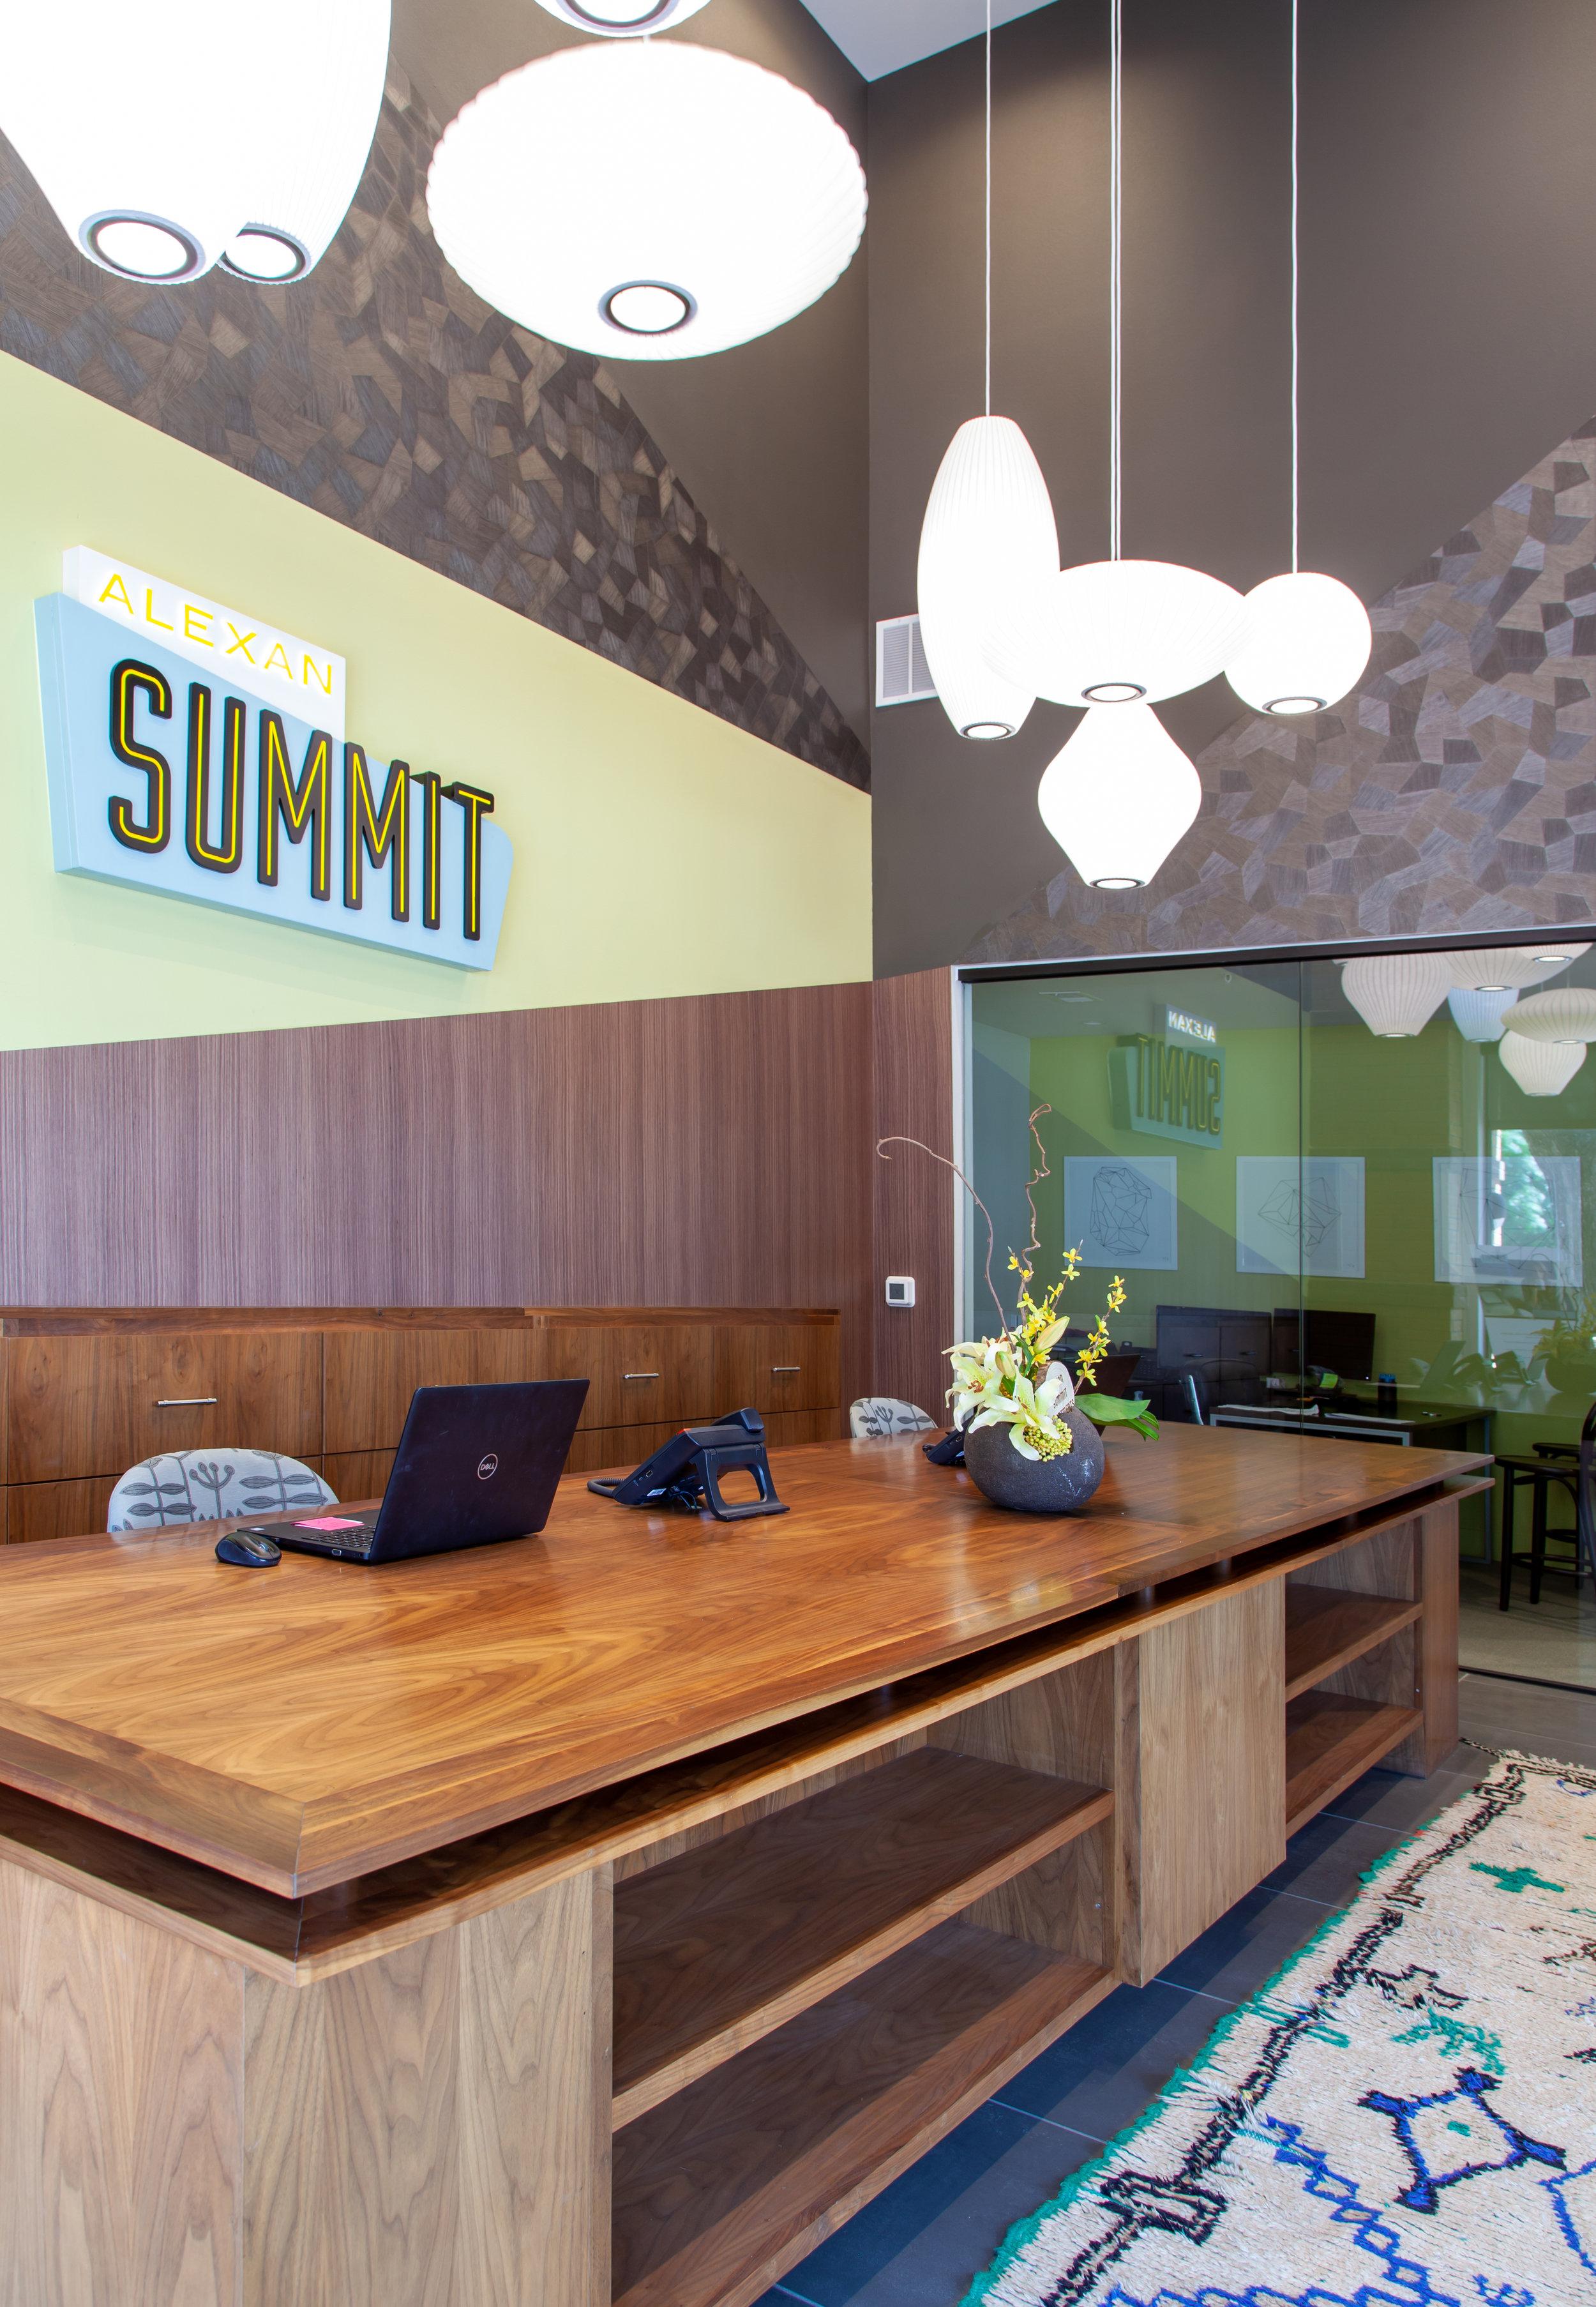 2 - B2_Alexan Summit FW_20190525_002.jpg